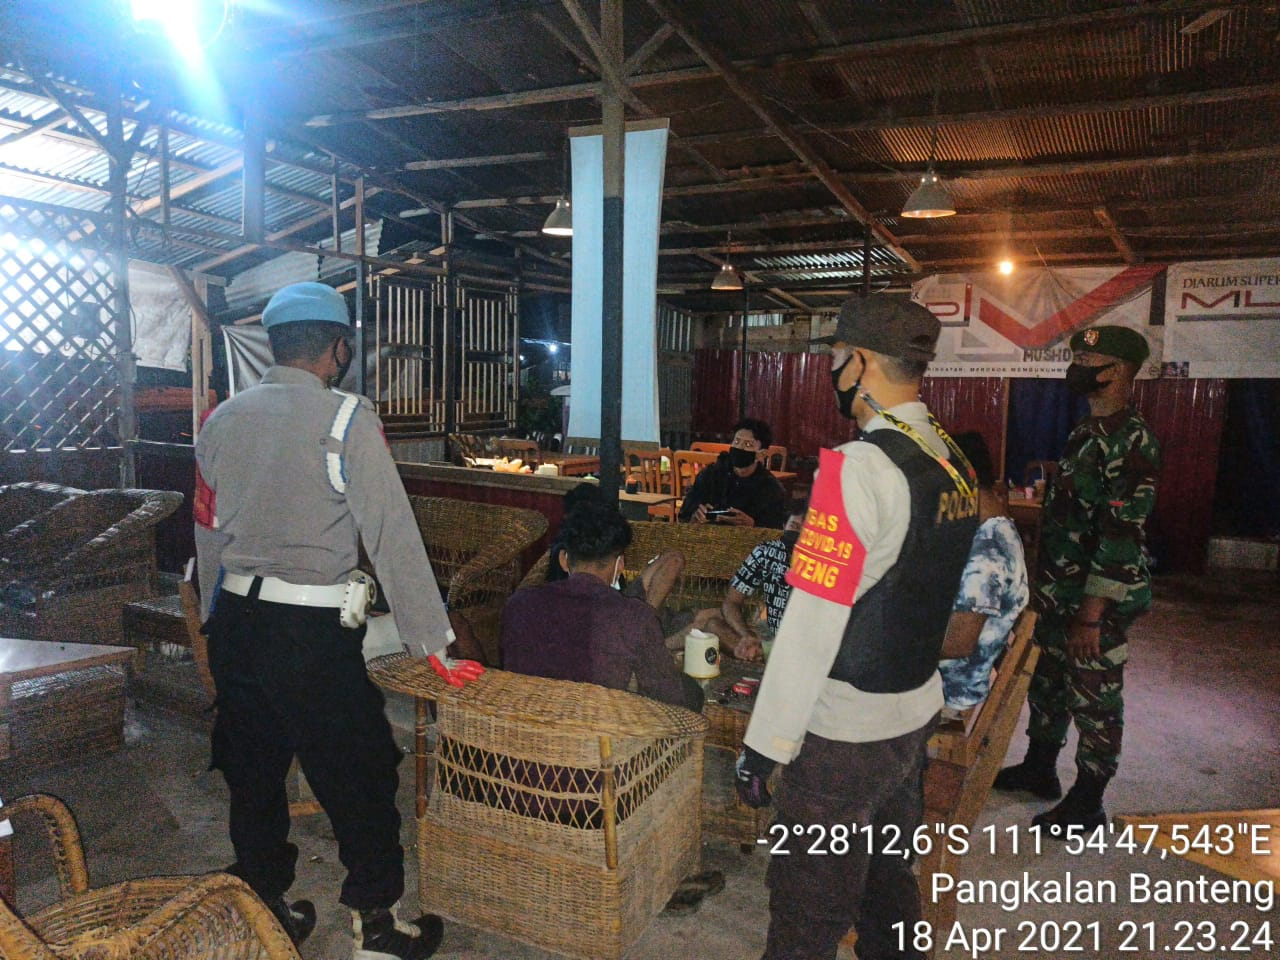 Polsek Pangkalan Banteng Melaksanakan Yustisi di malam hari